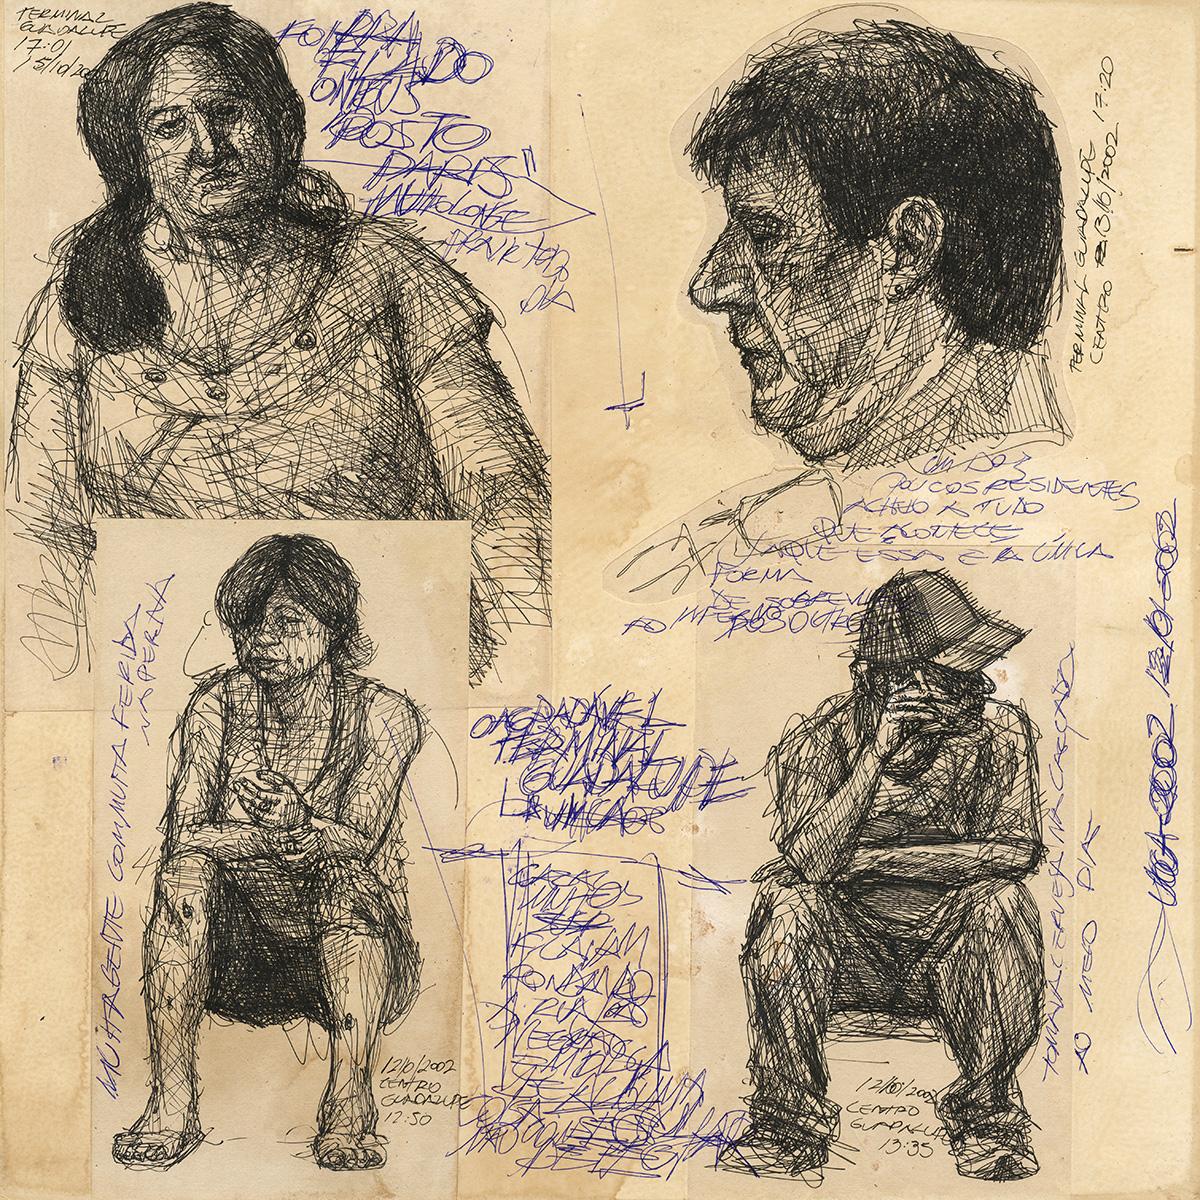 Desenho atribuído a Joaquim de Souza - Fase 3 - 2002.10.12_(12.50)